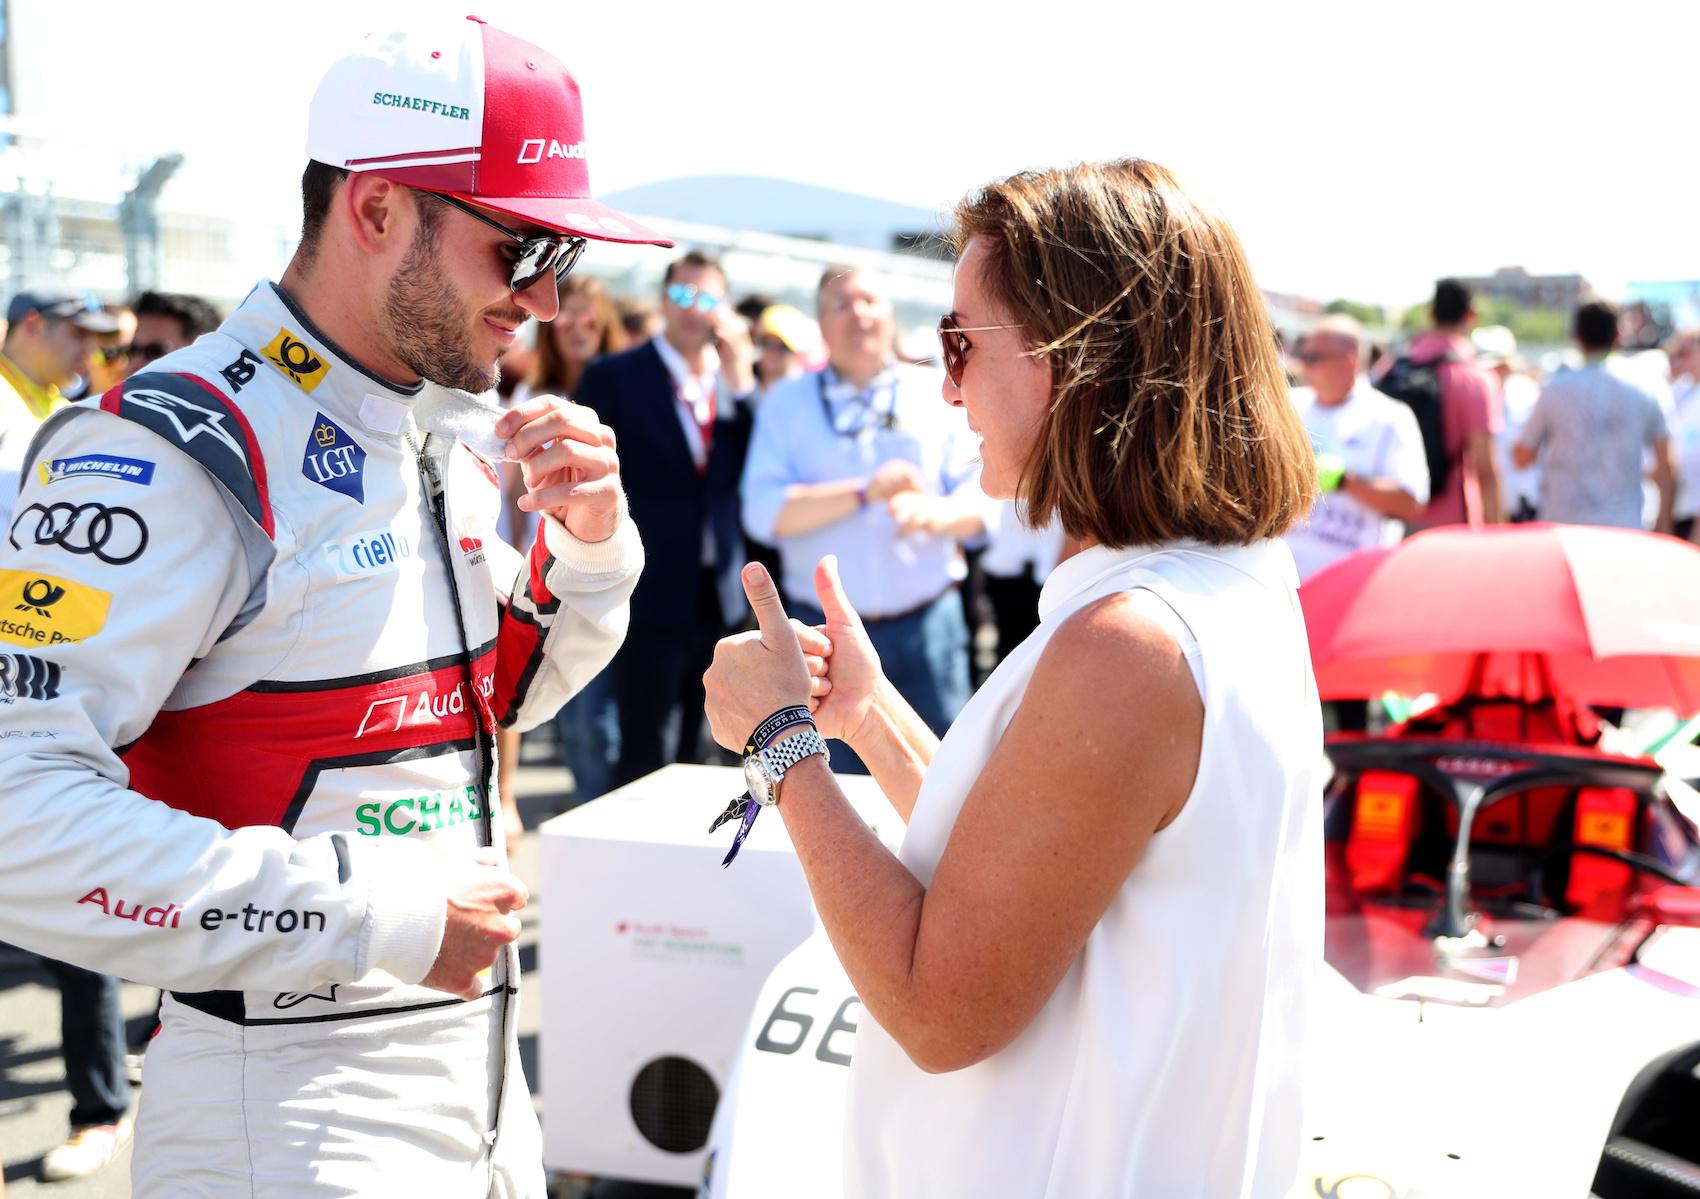 La Formula E muove le emozioni: il pilota Daniel Abt e Hildegard Wortmann a bordo pista all'E-Prix di New York City 2019.